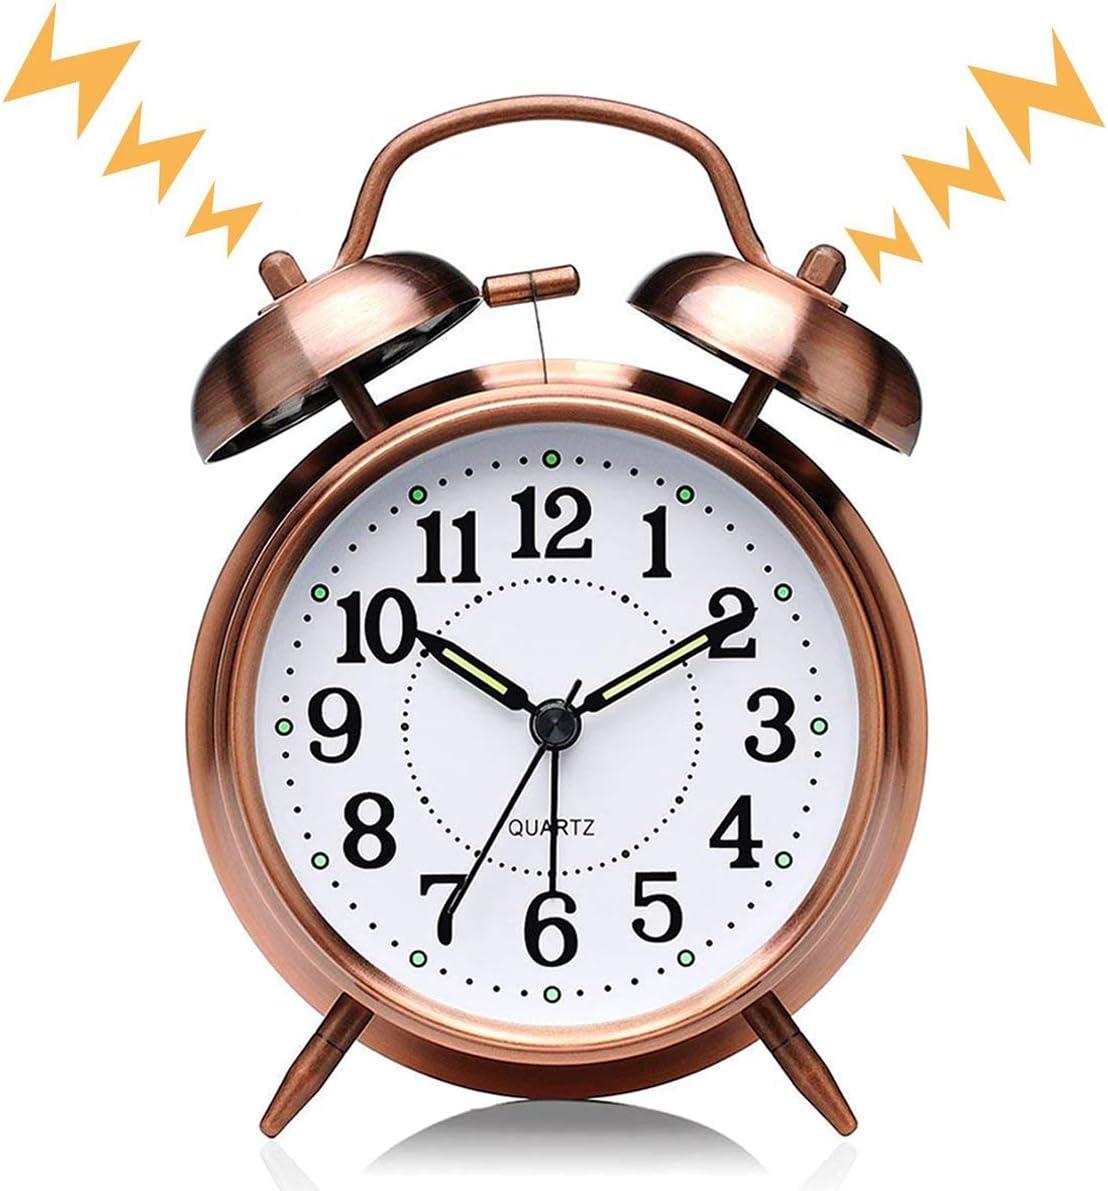 MAYO R/éveil Matin /à Double Cloche Brown 4 Pouces Twin Bell R/éveil Quartz Retro Silencieuse Horloge de Chevet avec Lumi/ère de Nuit pour Sommeil Bureau Chambre Voyage